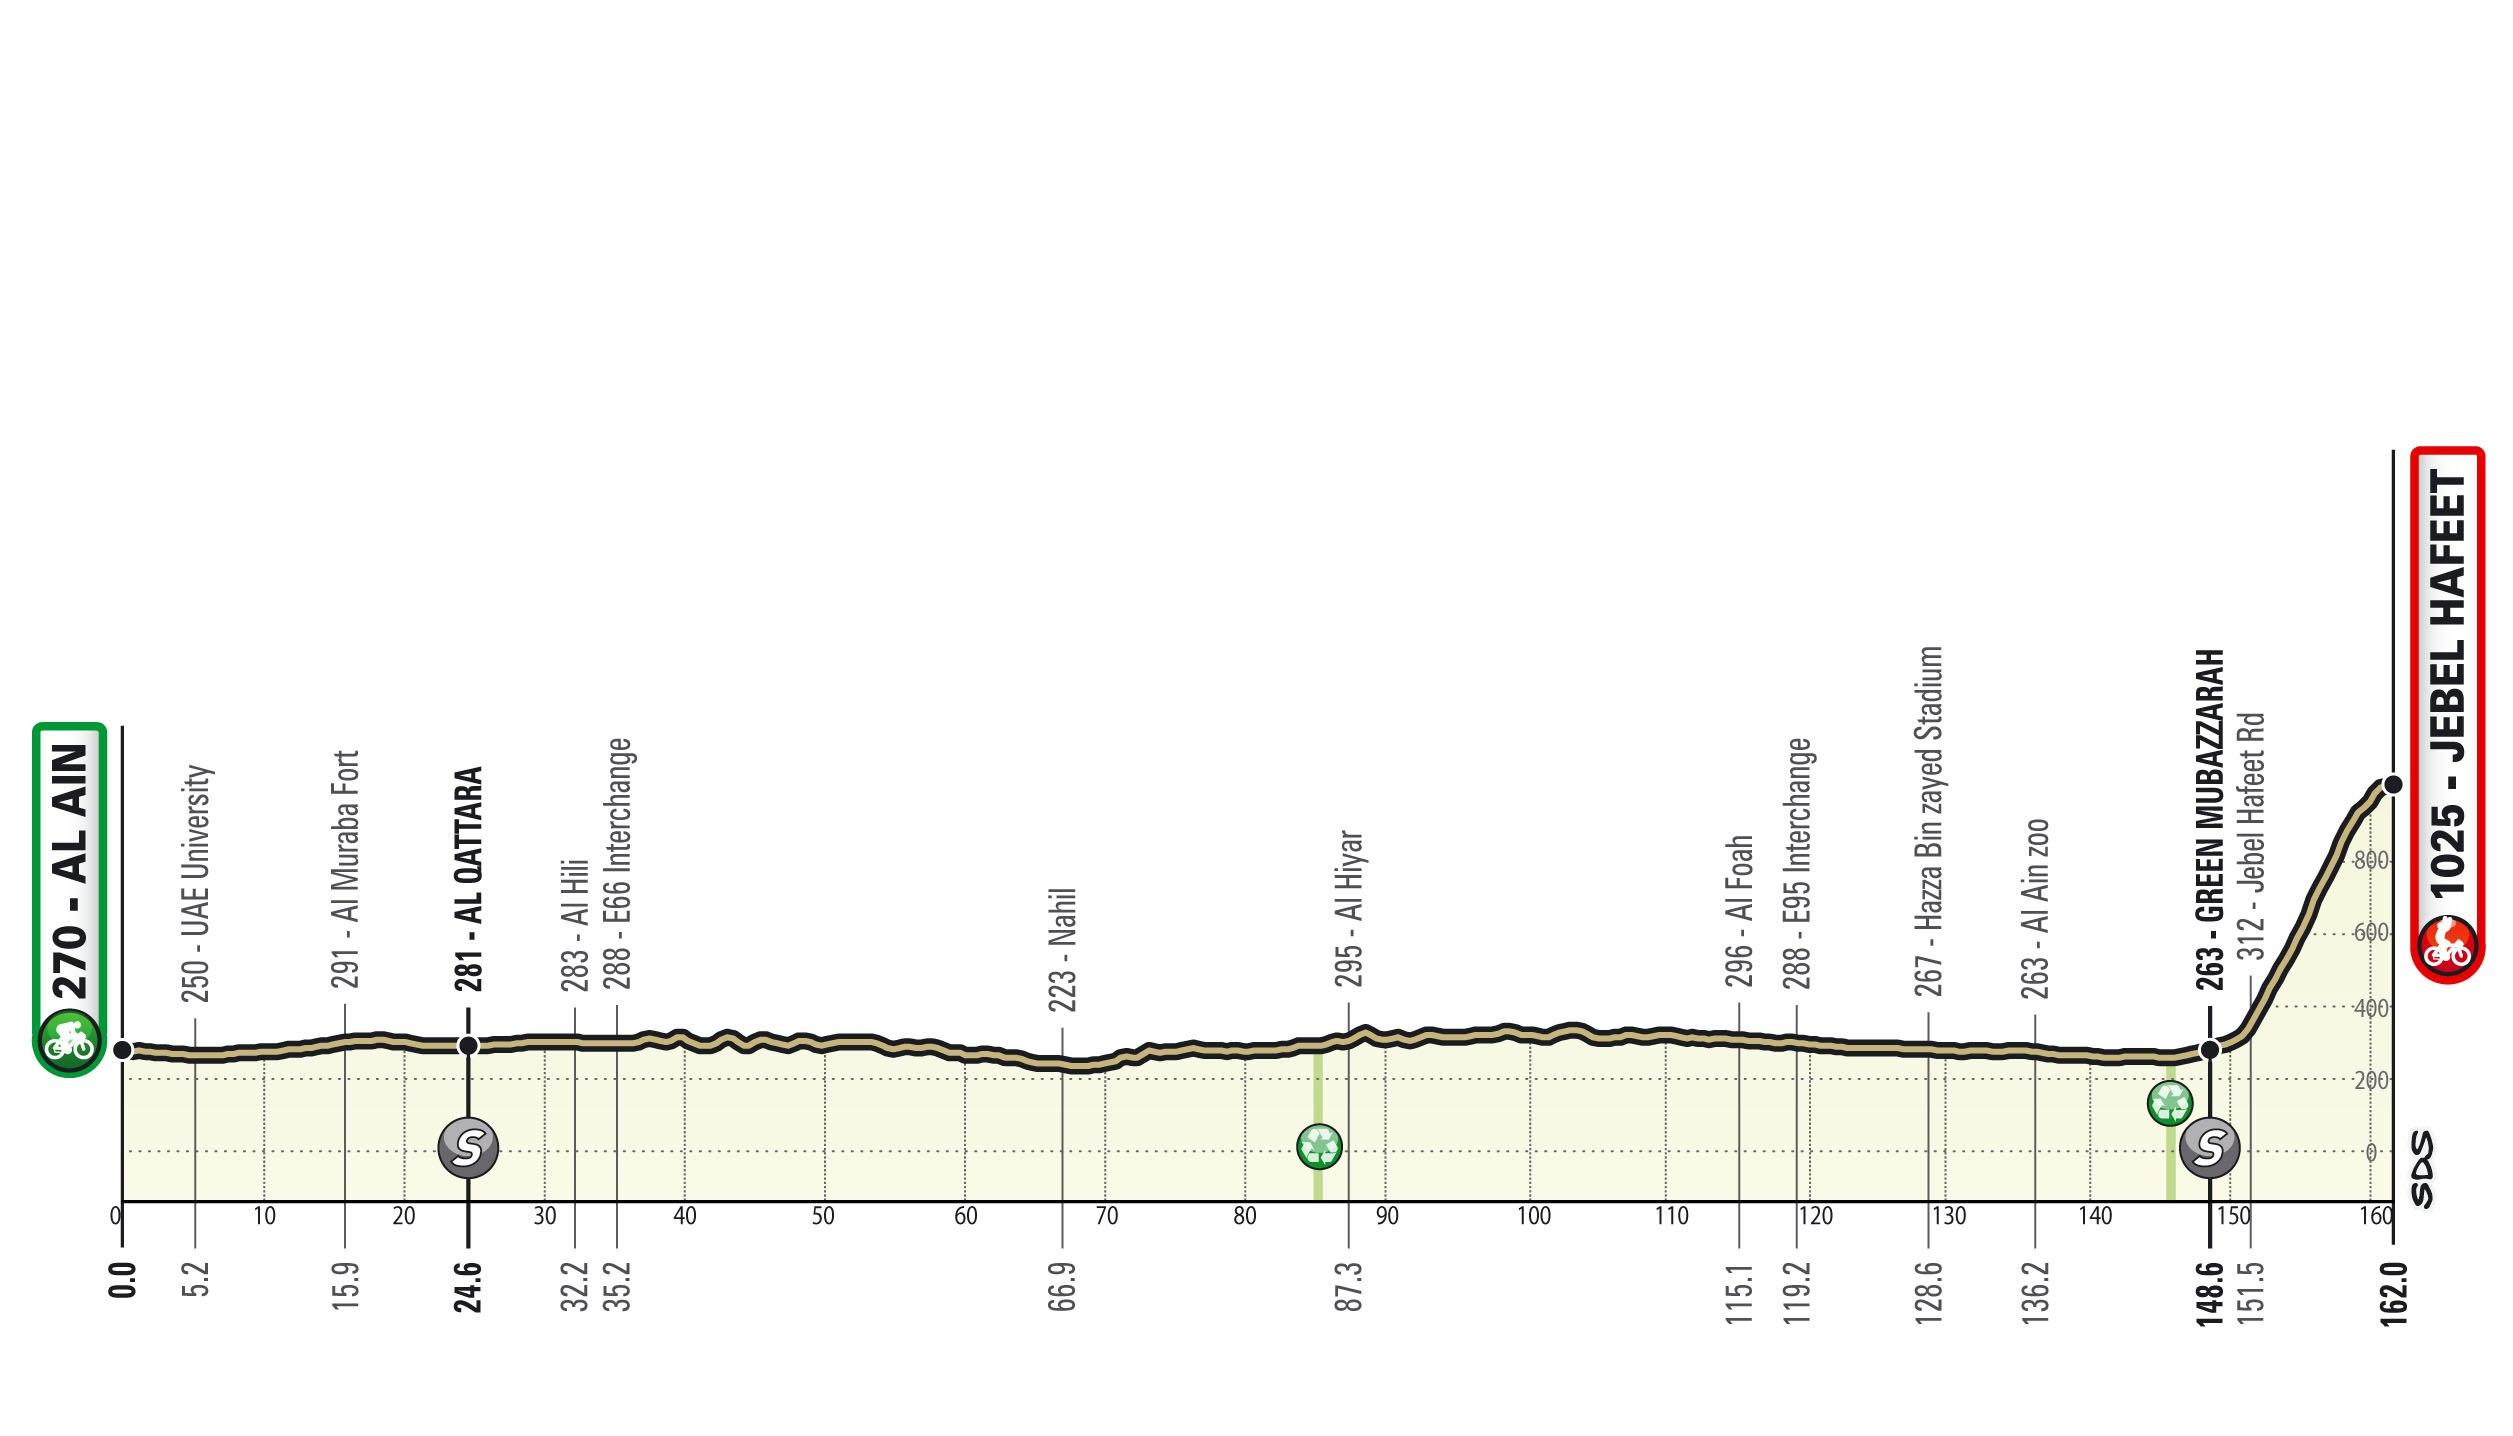 Perfil de la tercera etapa del UAE Tour 2021